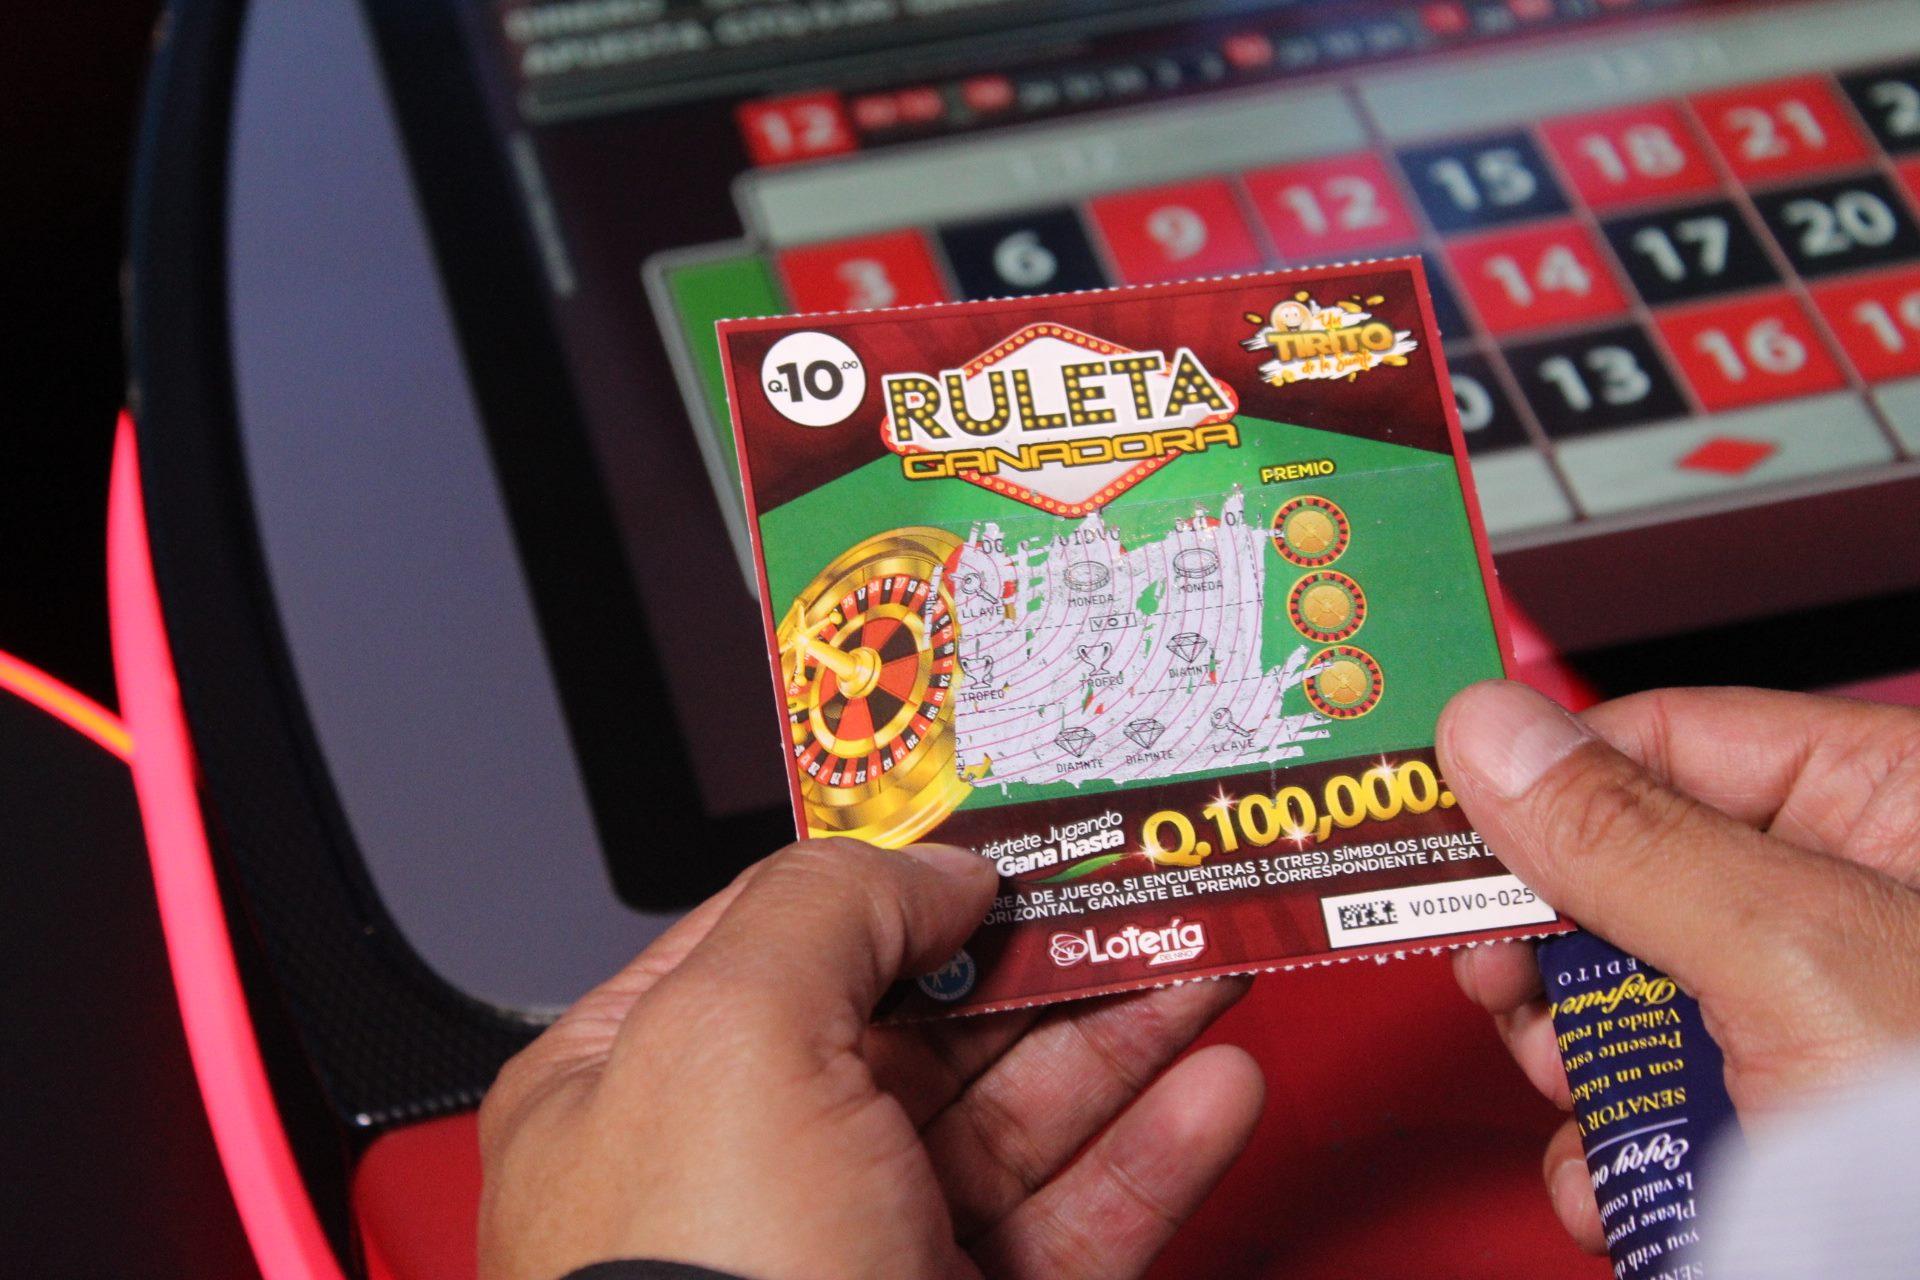 Lotería del Niño Ruleta Ganadora